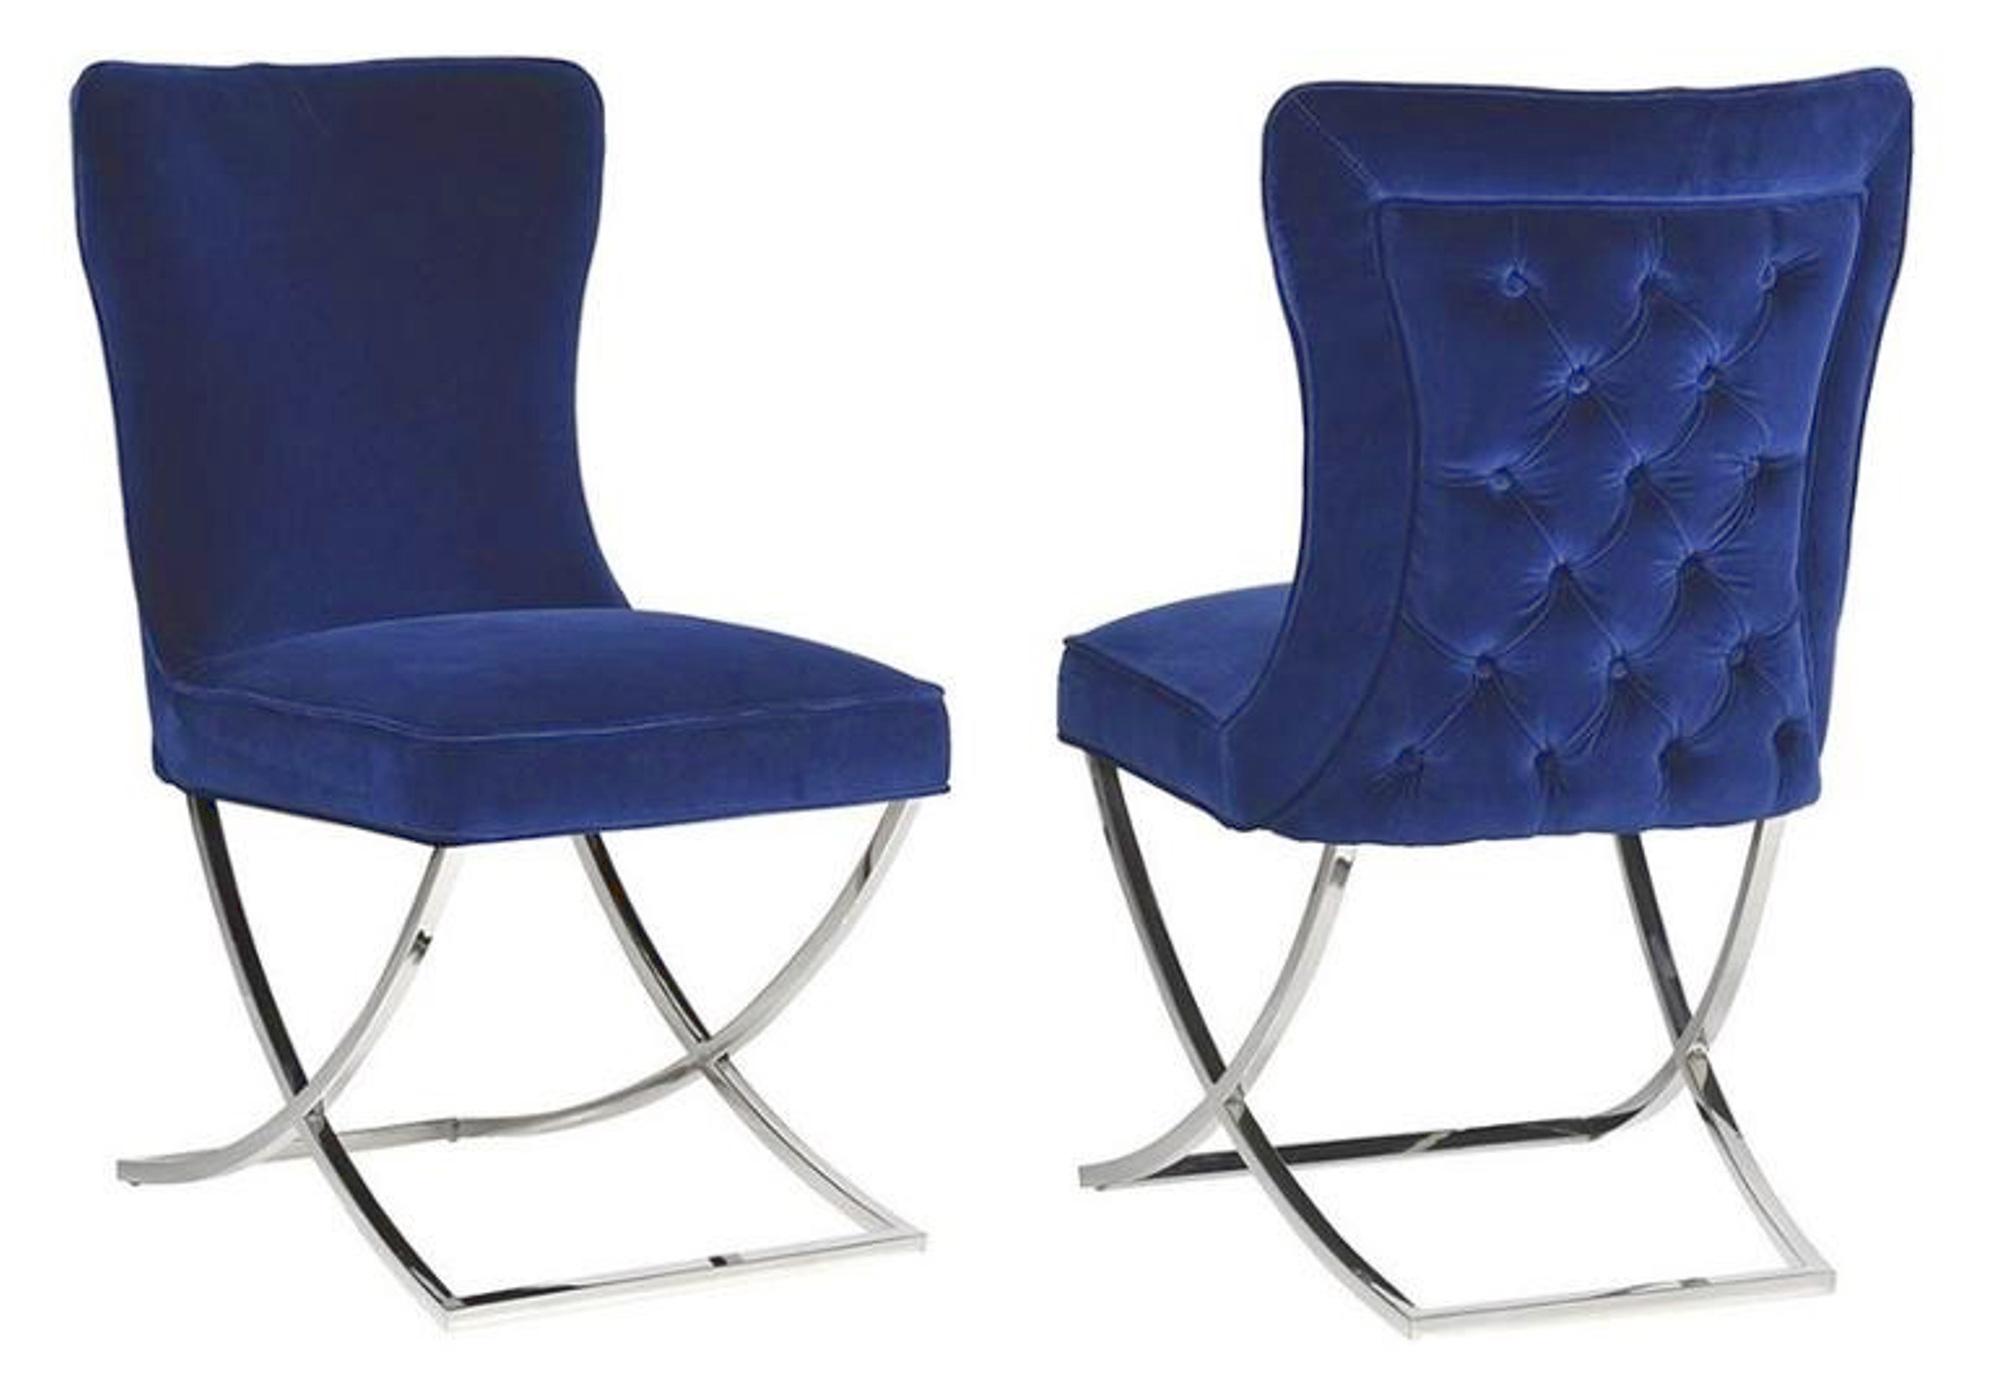 Chaises design capitonné bleu ENZO